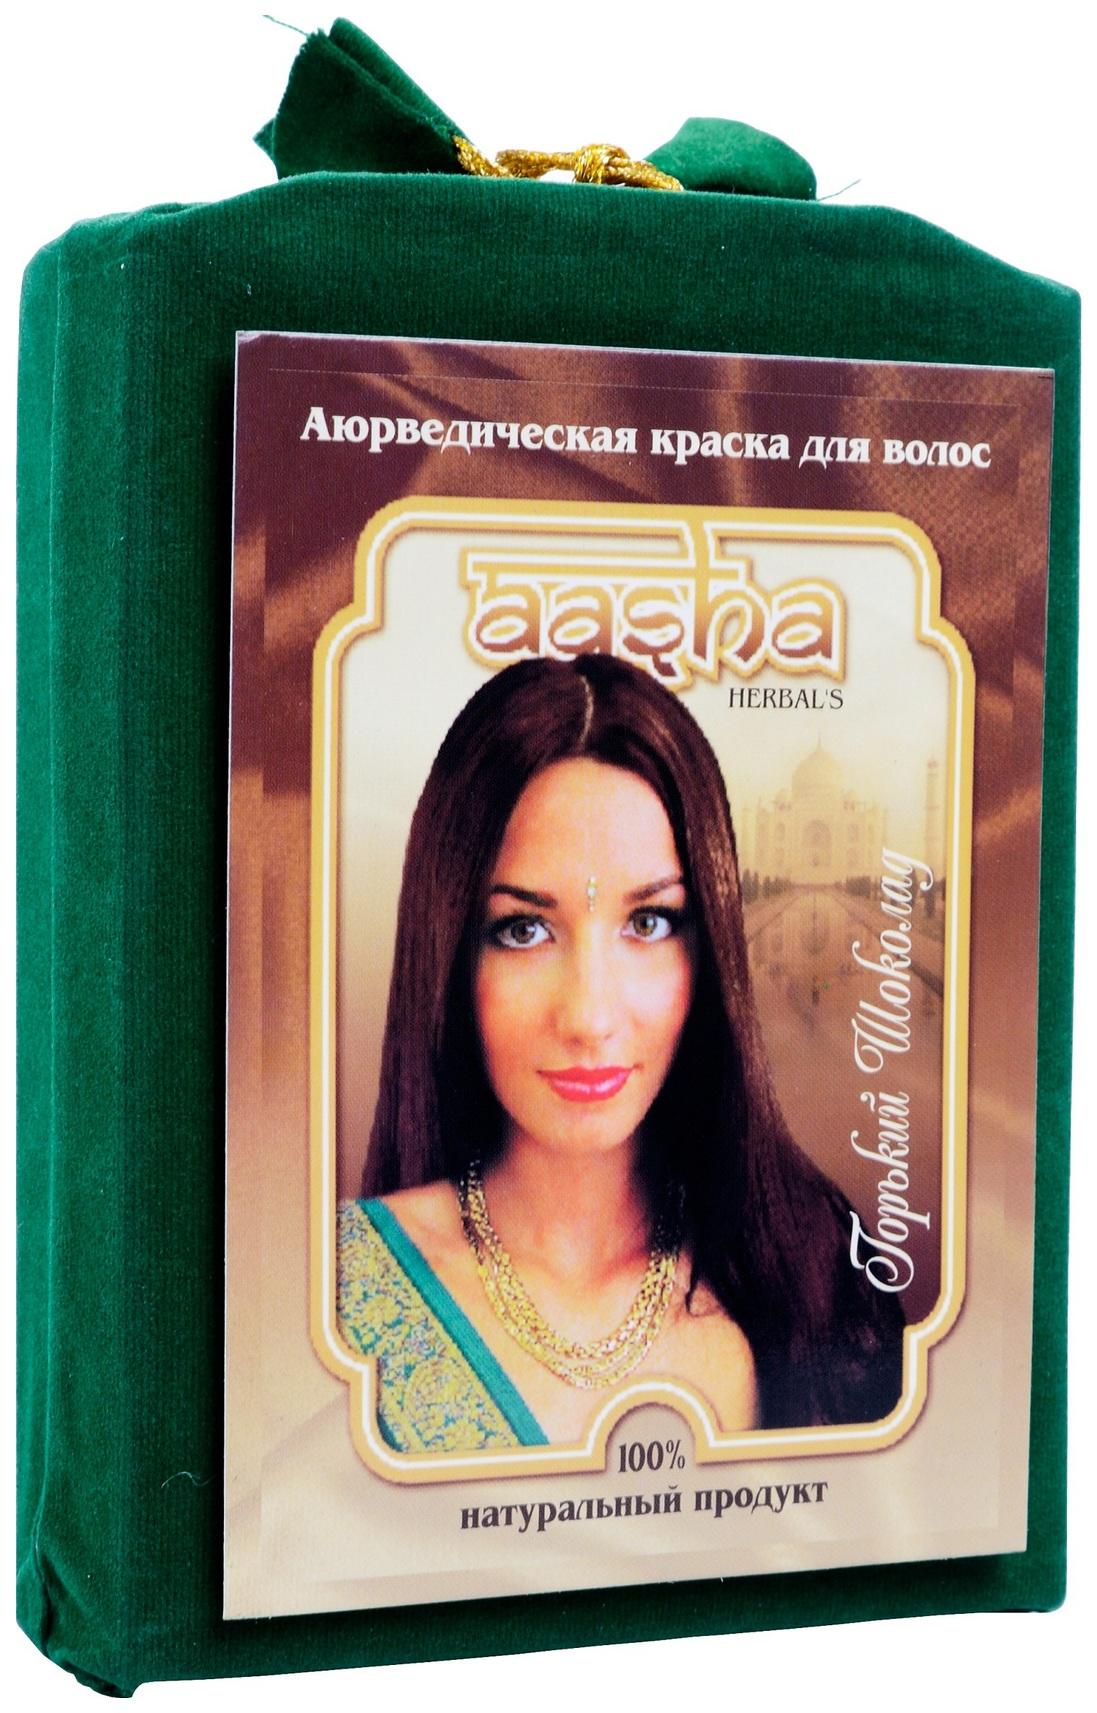 Купить Краска для волос Aasha Аюрведическая Горький шоколад 100 г, Aasha Herbals